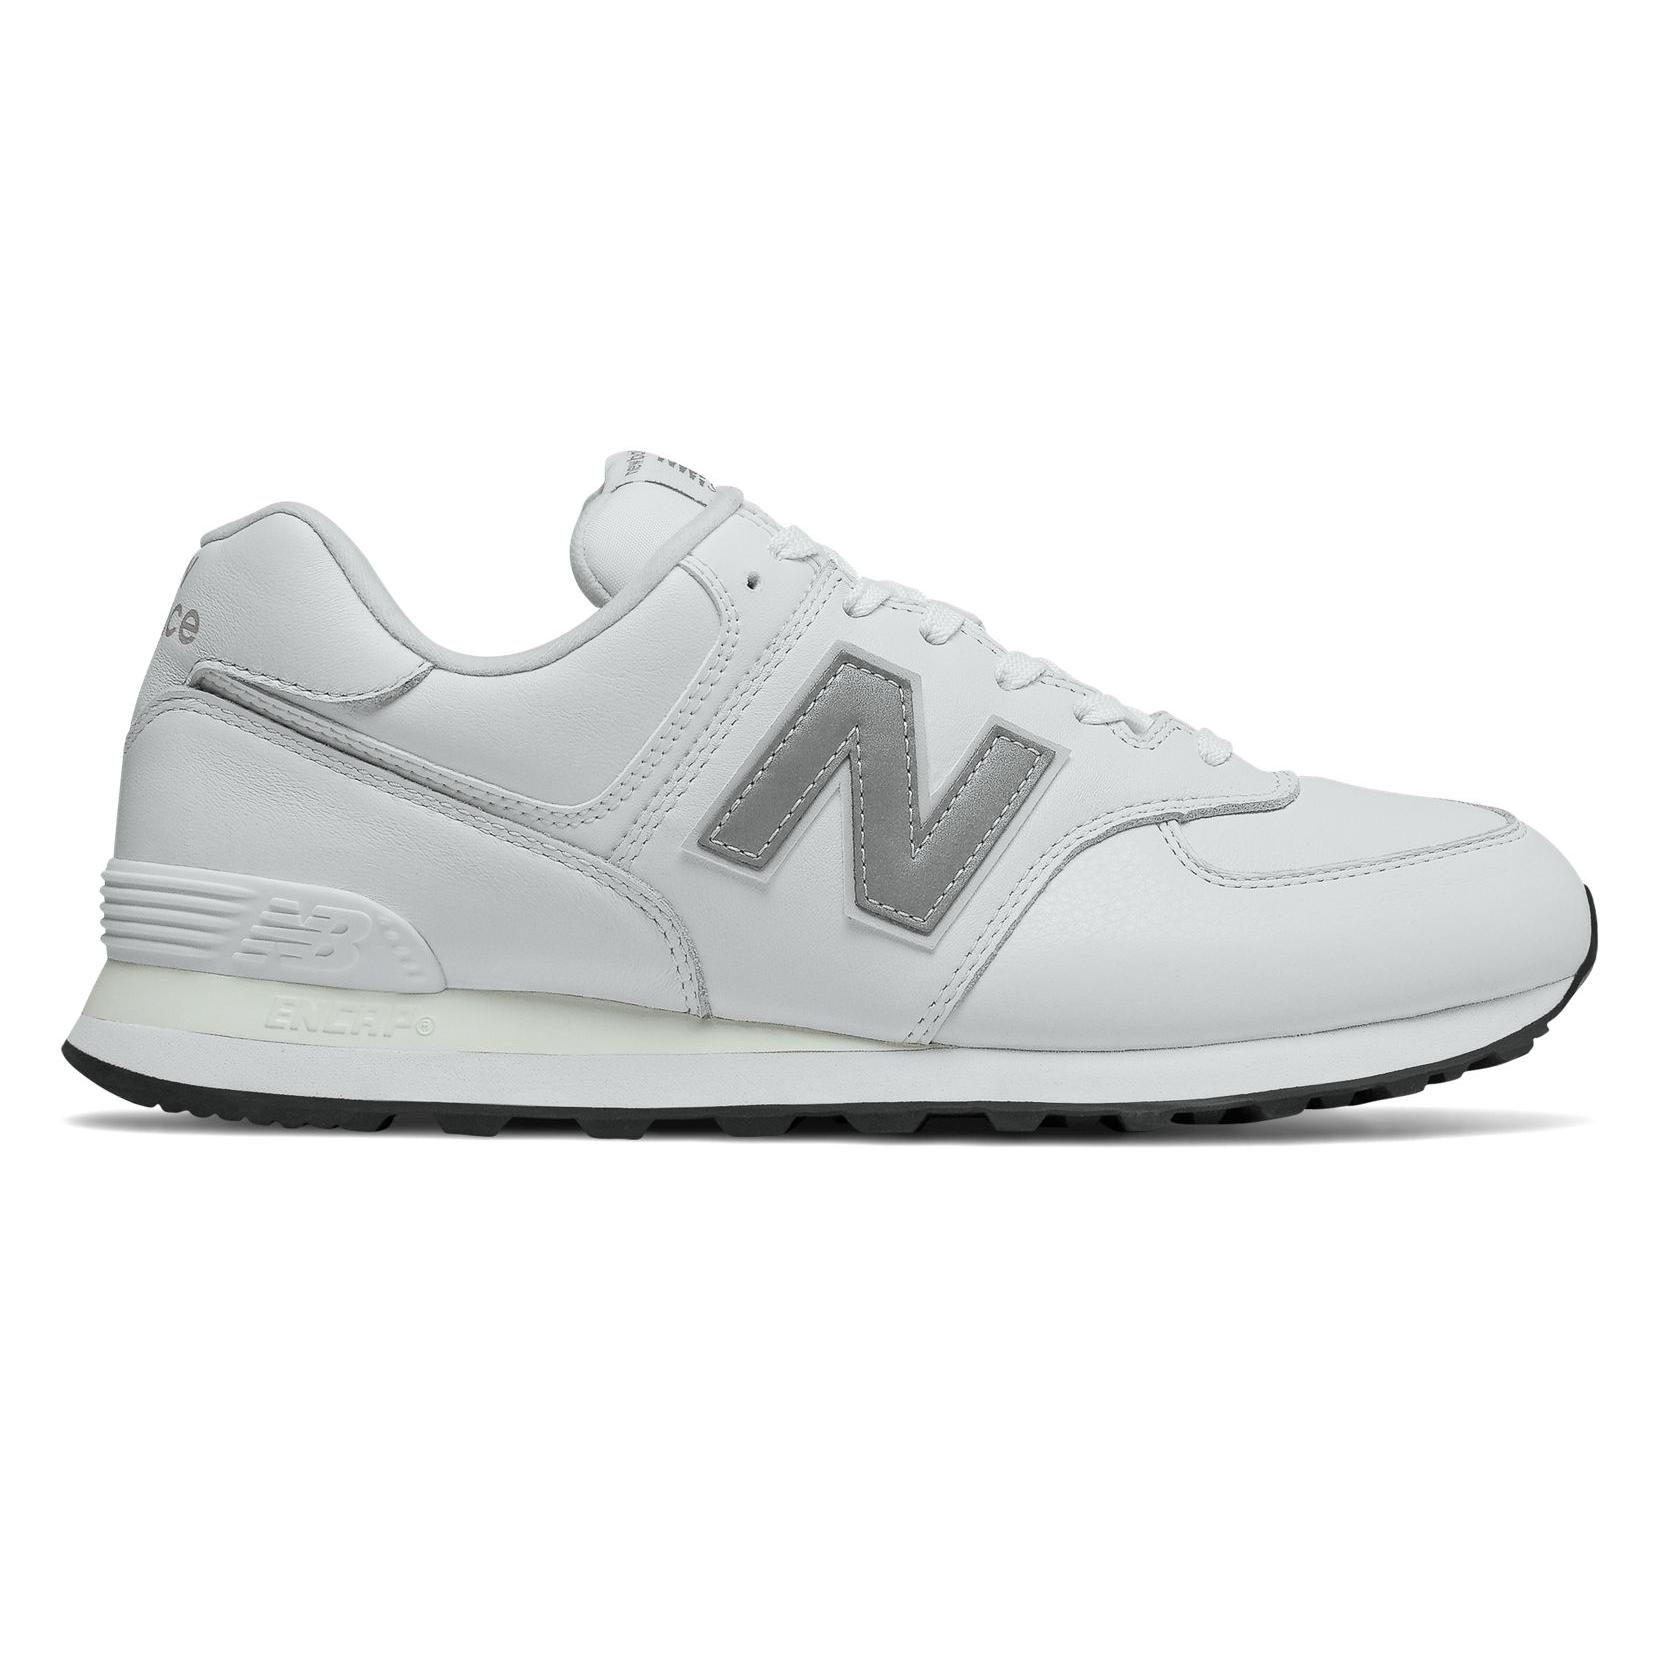 Scarpa Moda Prodotto 574 Uomo Balance Disponibile New Sneaker Scarpe WIDYE92H